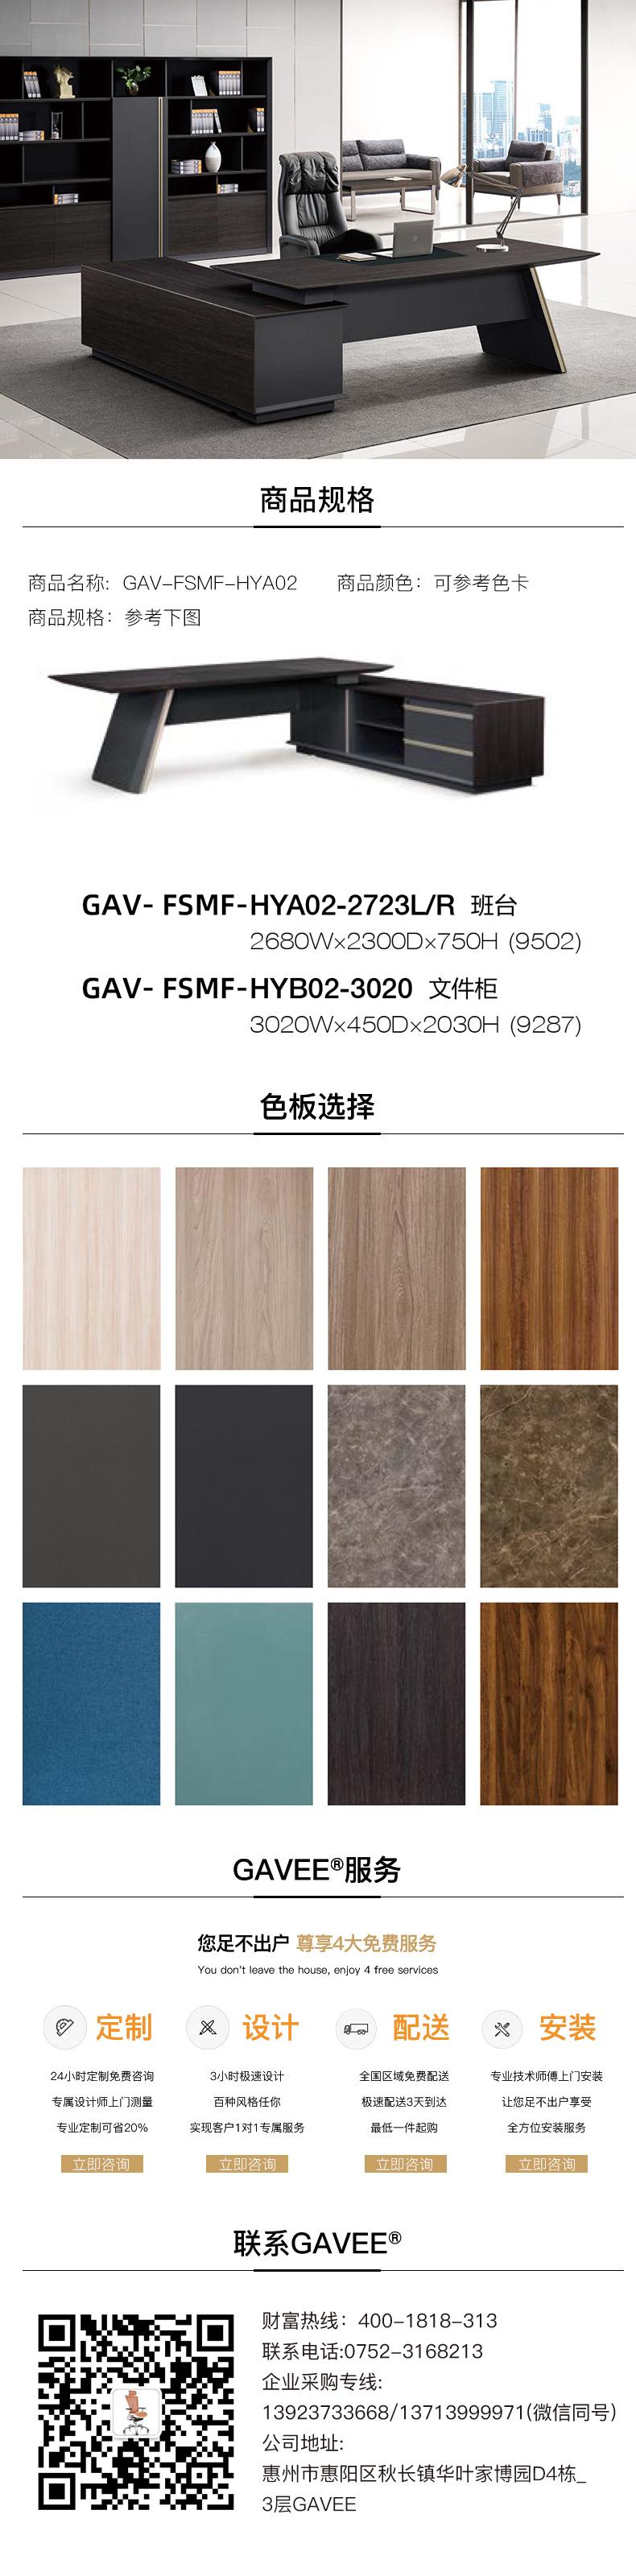 高層決策系統GAV-FSMF-HYA02.jpg